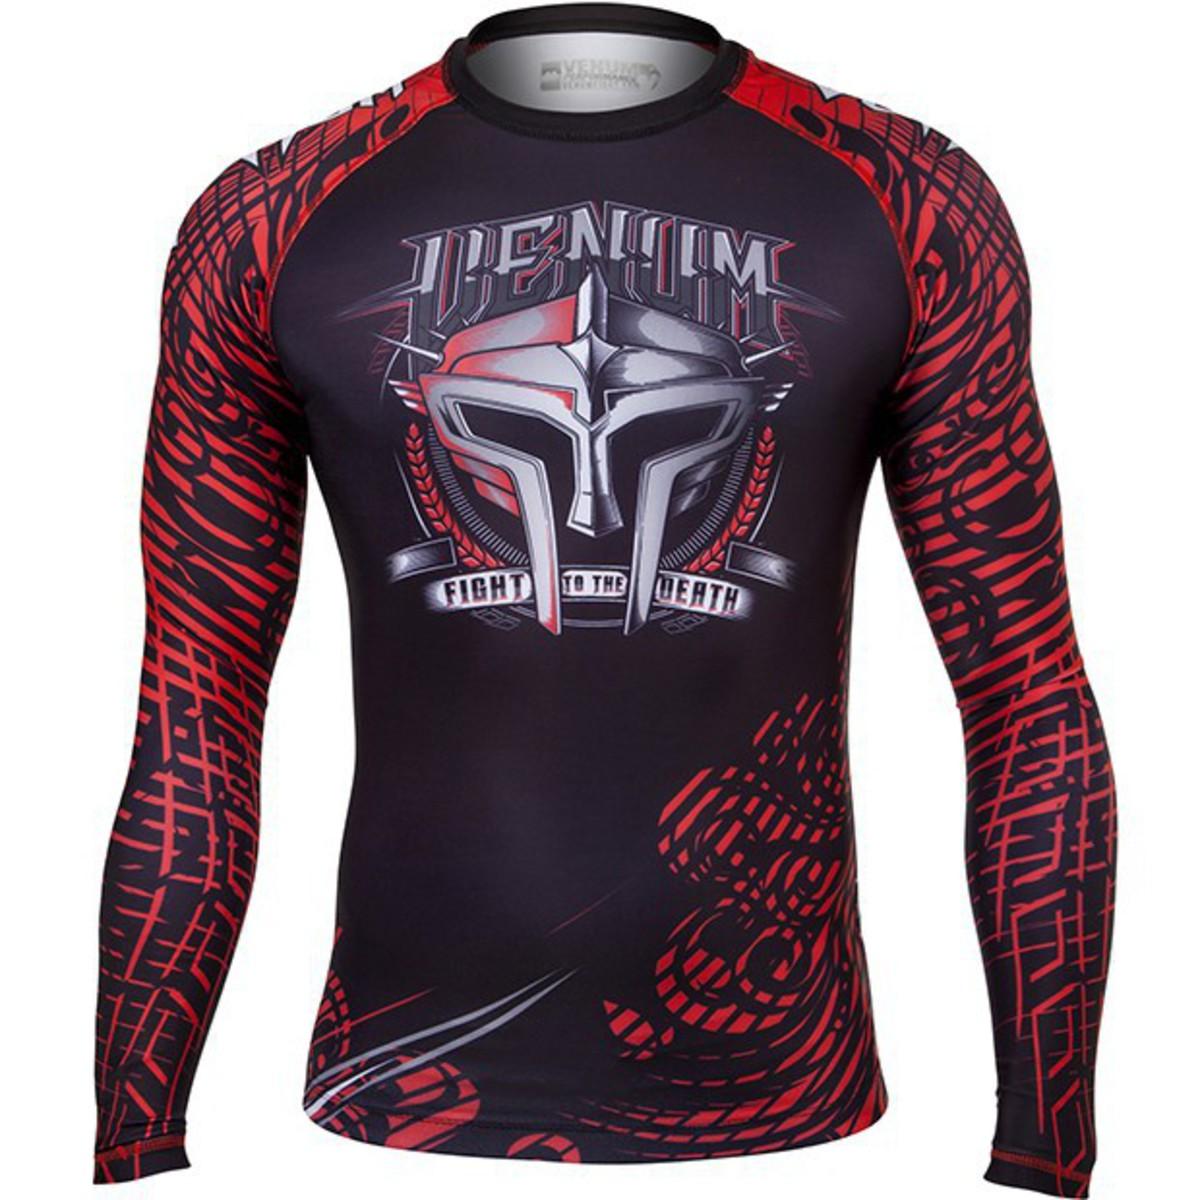 tričko pánské s dlouhým rukávem (termo) VENUM - Gladiator Rashguard - Black/Red - 1165